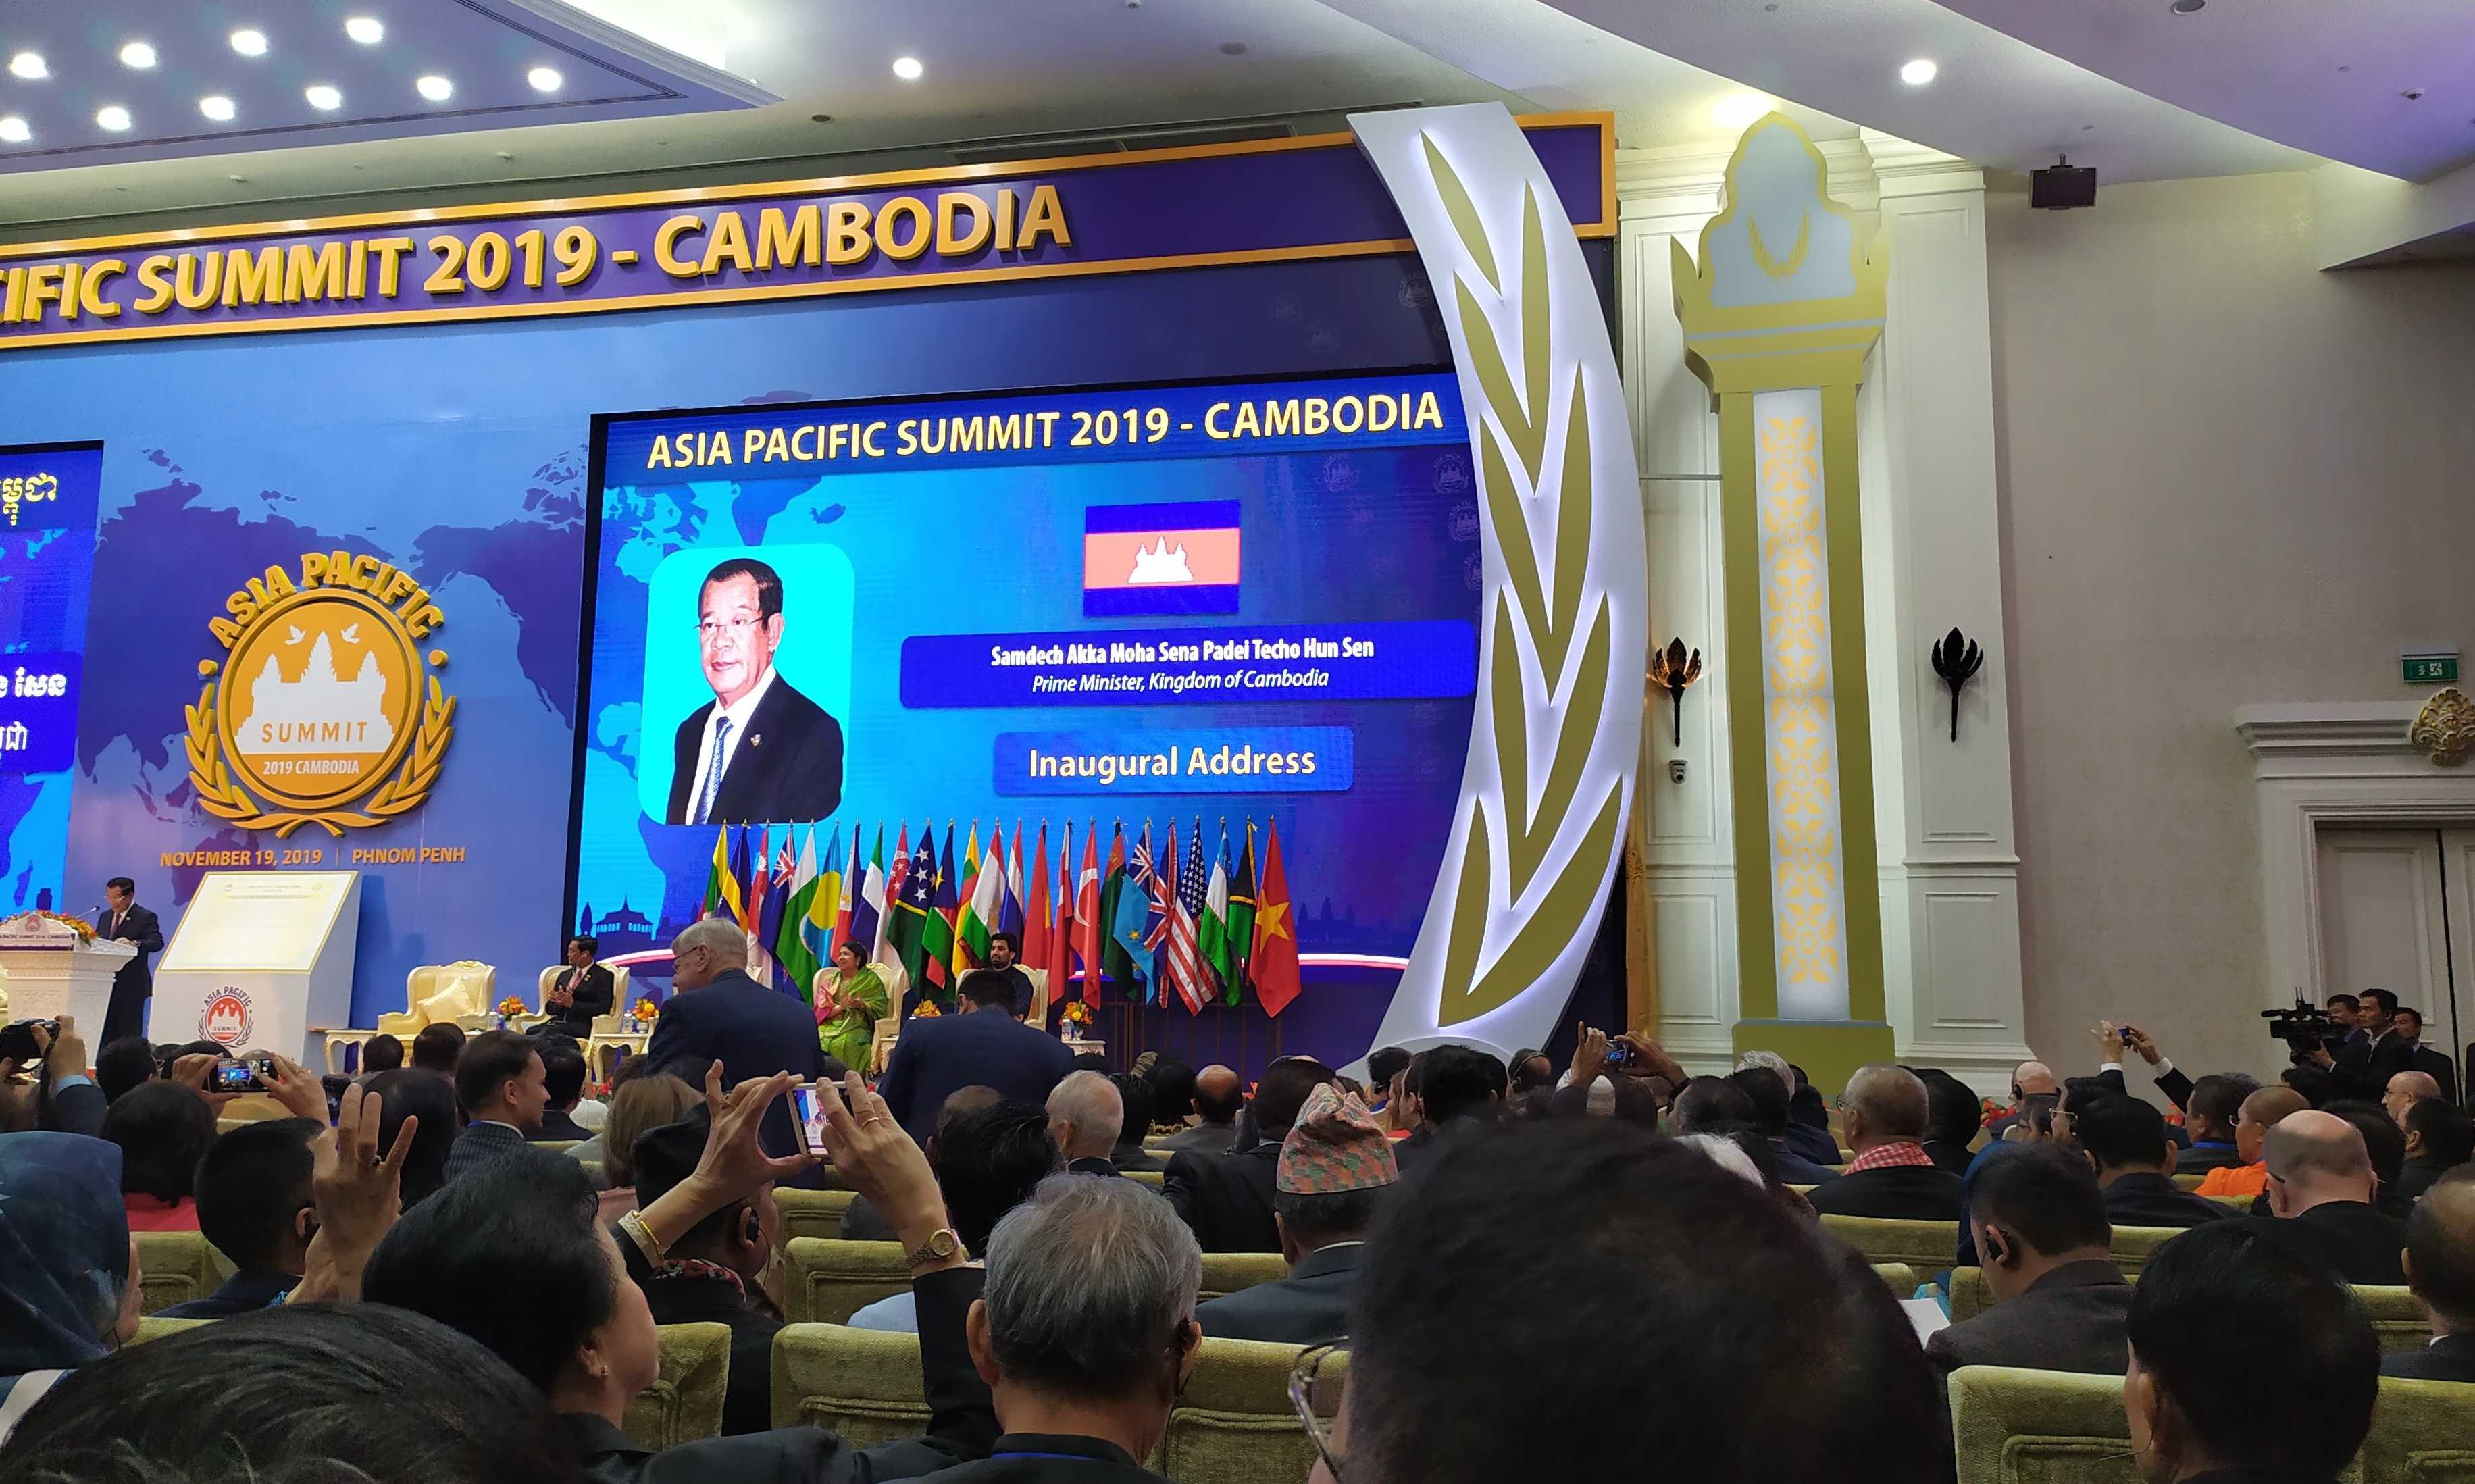 Приветственный спич главы Совета министров Хун Сена.